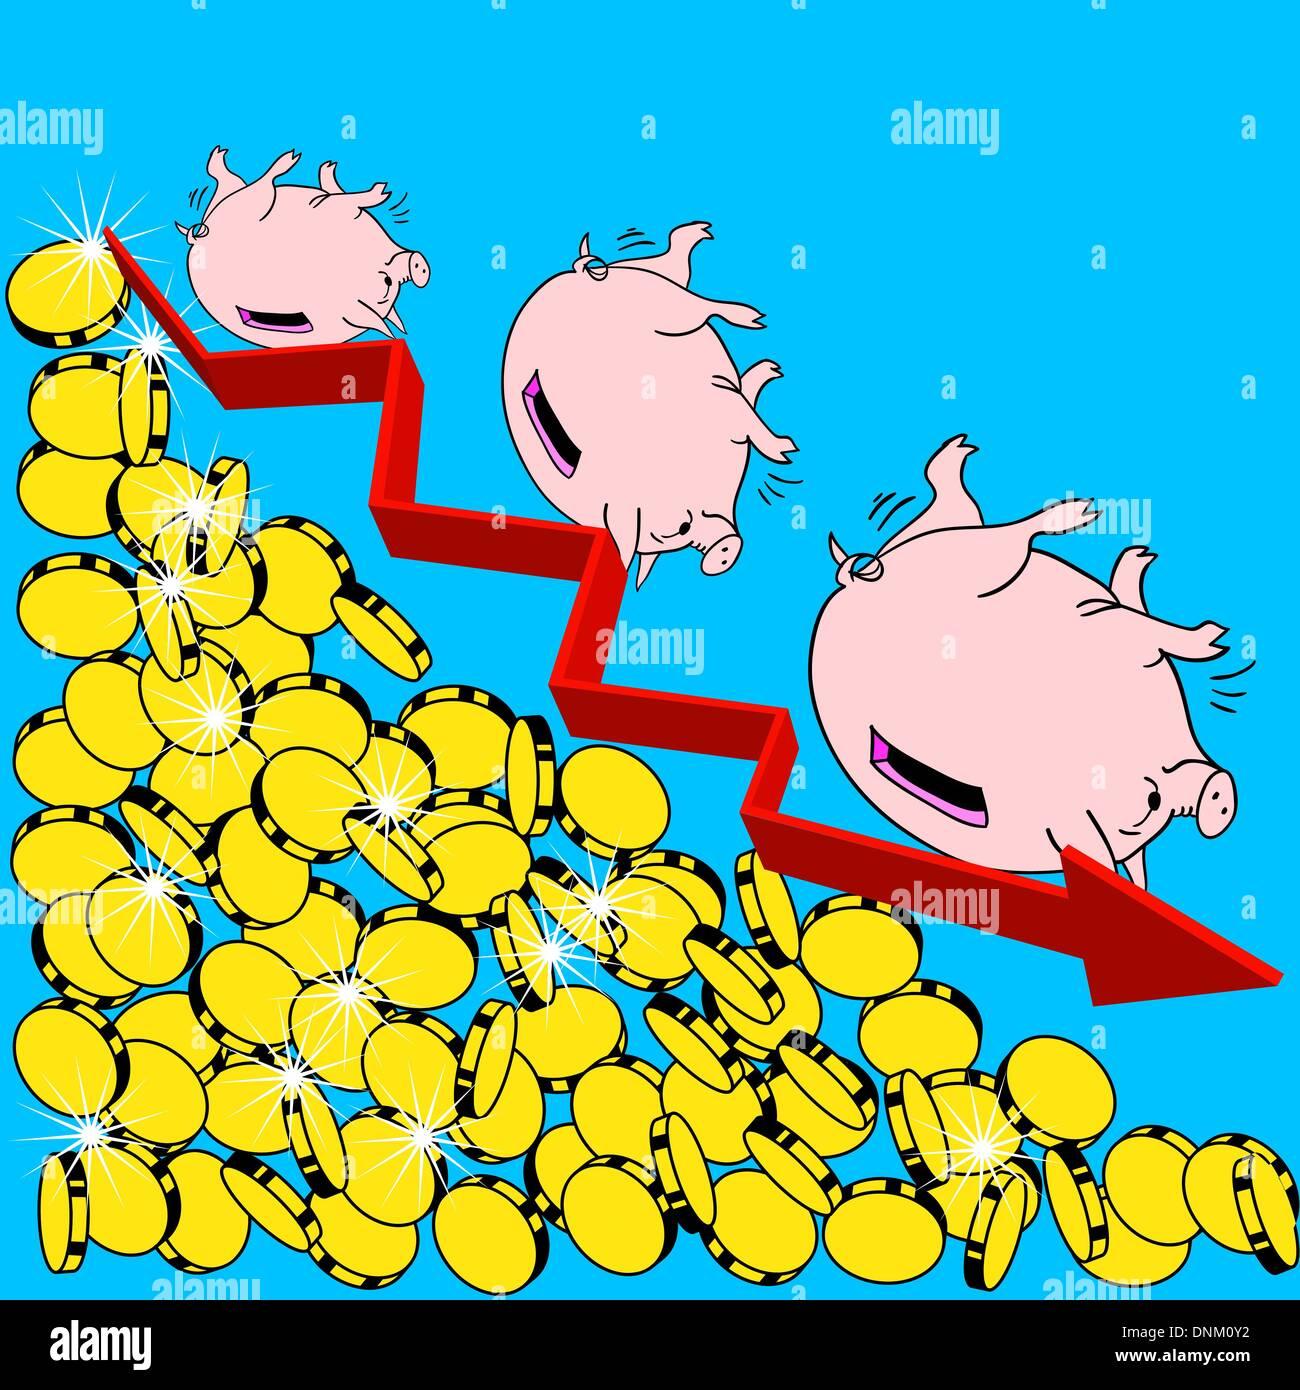 Die Finanzkrise Concept Illustration Stockbild